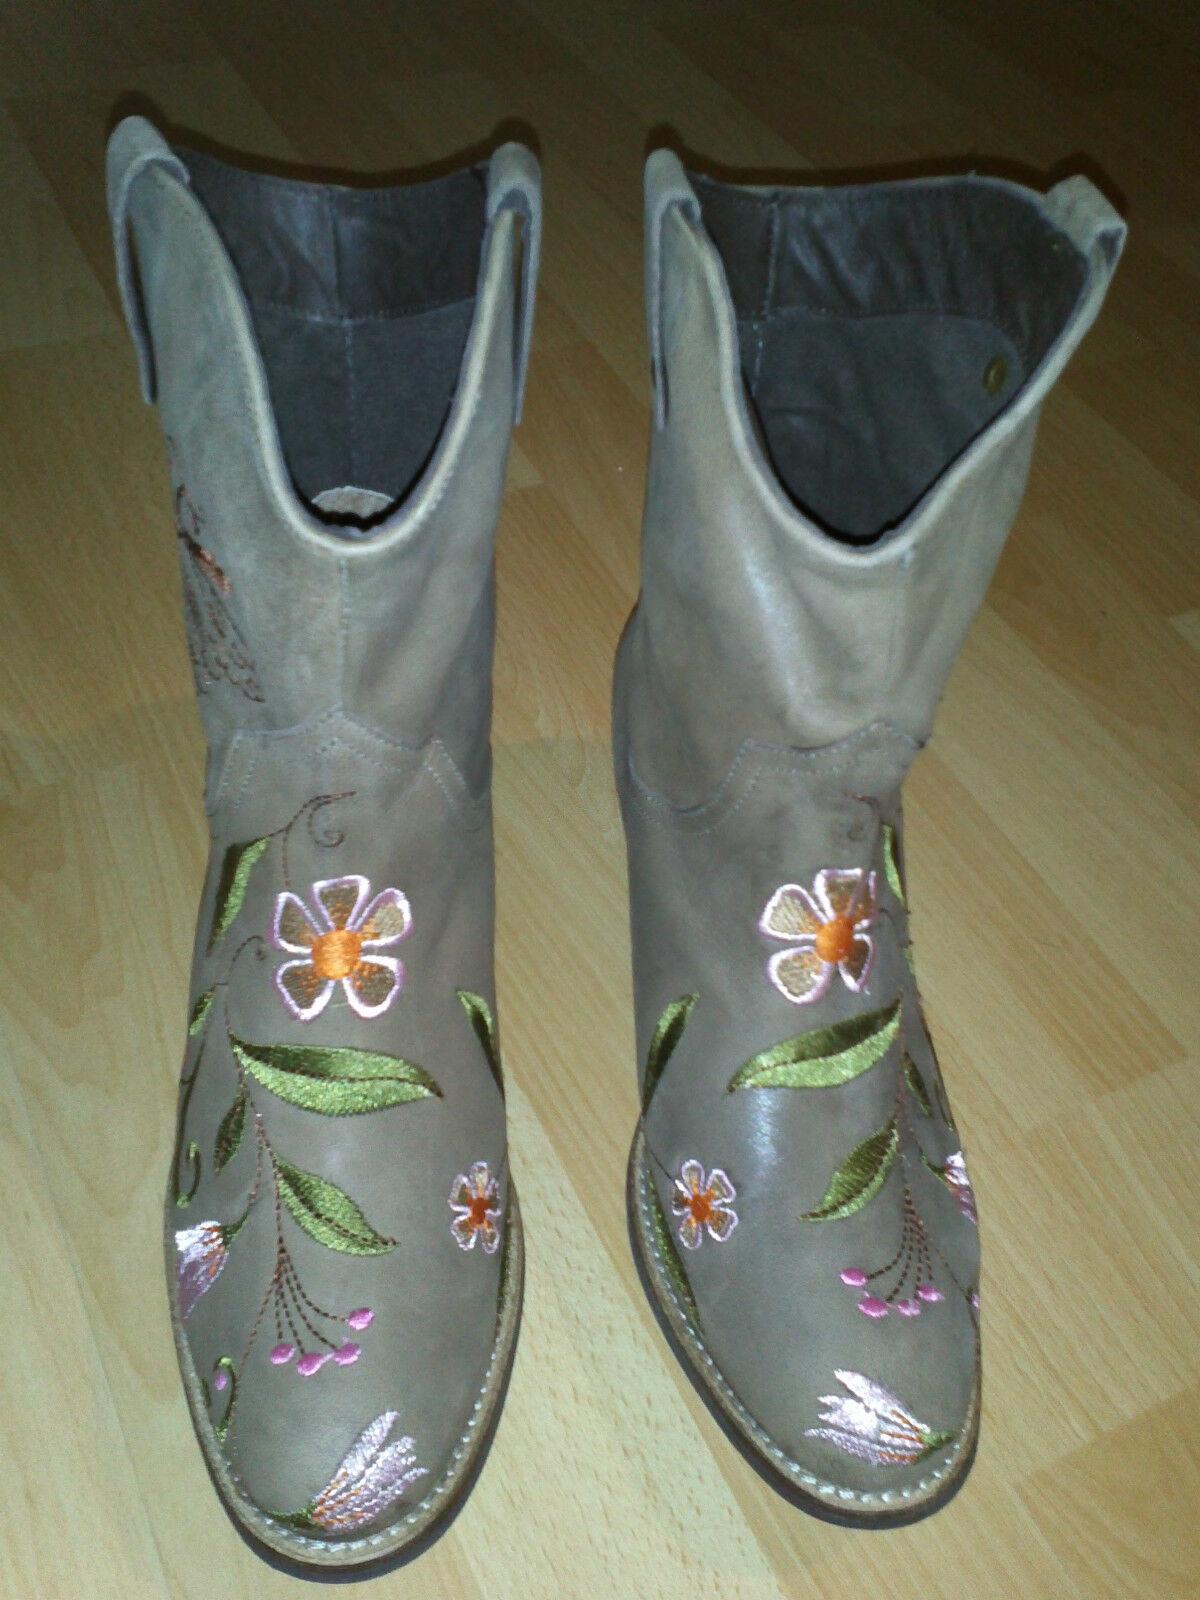 scelta migliore Cream Da Donna In Pelle Cowboy Cowboy Cowboy Western Stivali nel Hippie-style con ricamo 39-40 NUOVO  senza esitazione! acquista ora!